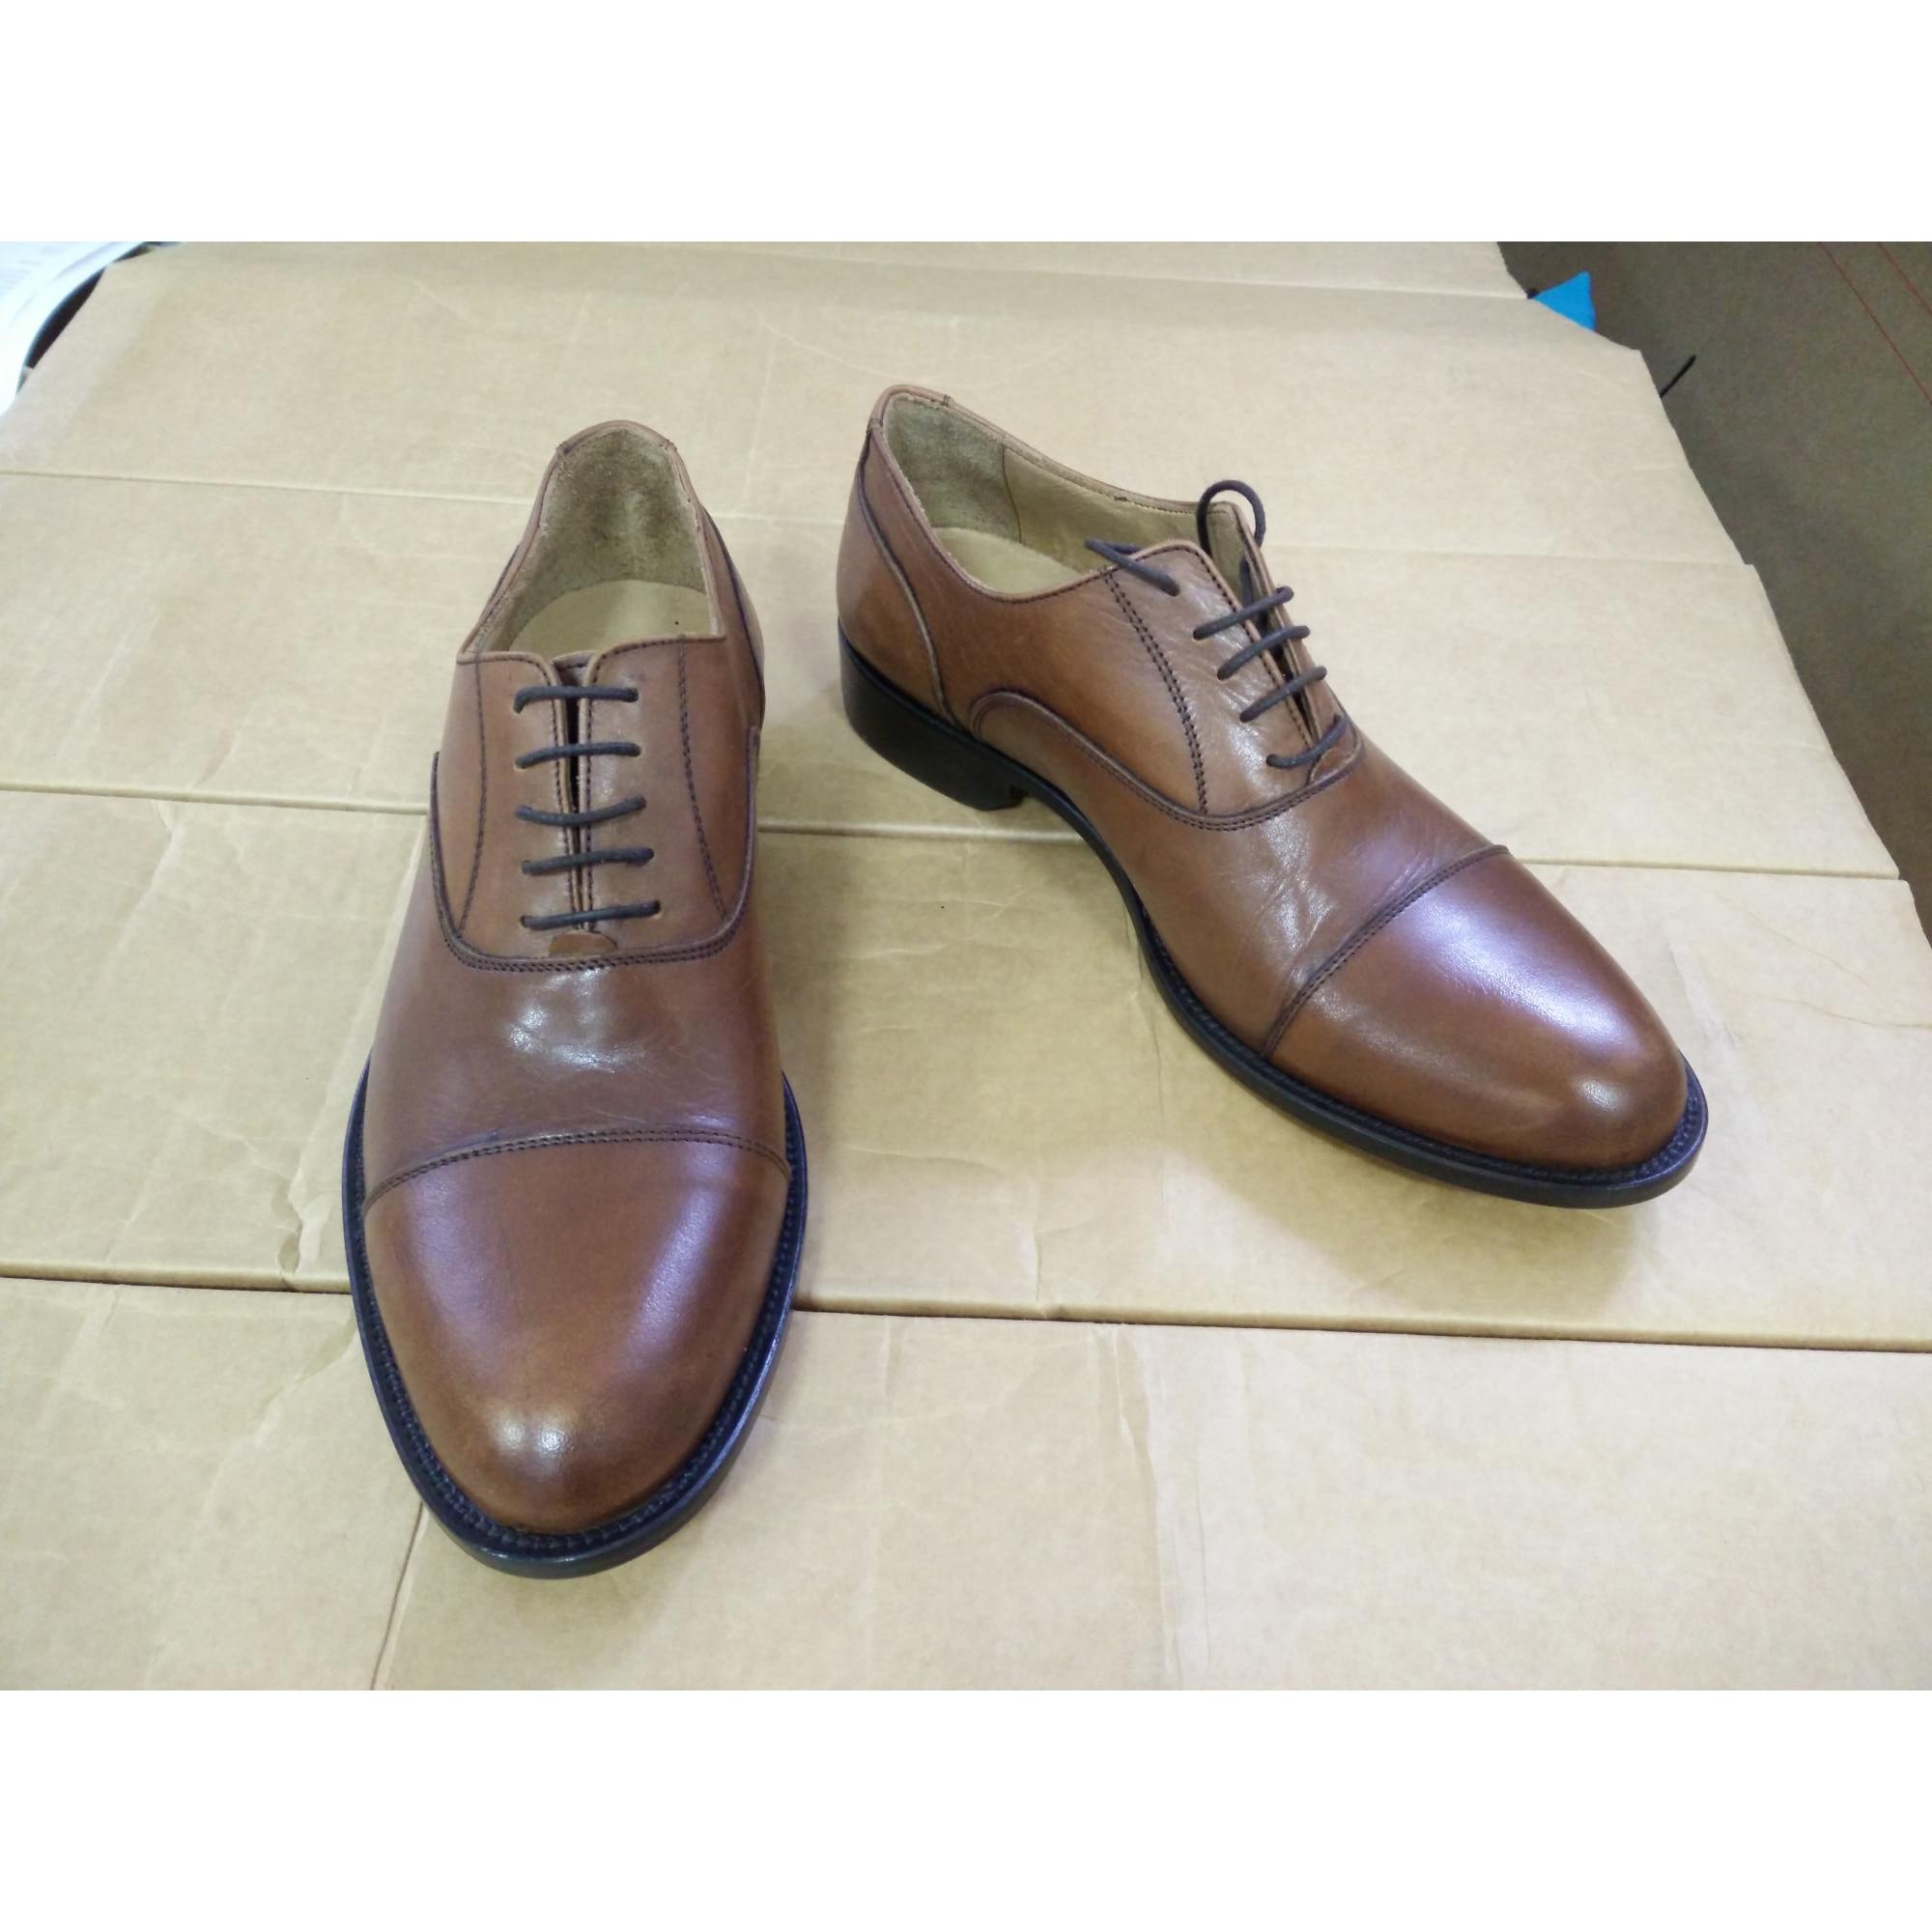 Marron Lacets À 40 Vendu Par British Chaussures Passport I2d9eh Ygyvbf67